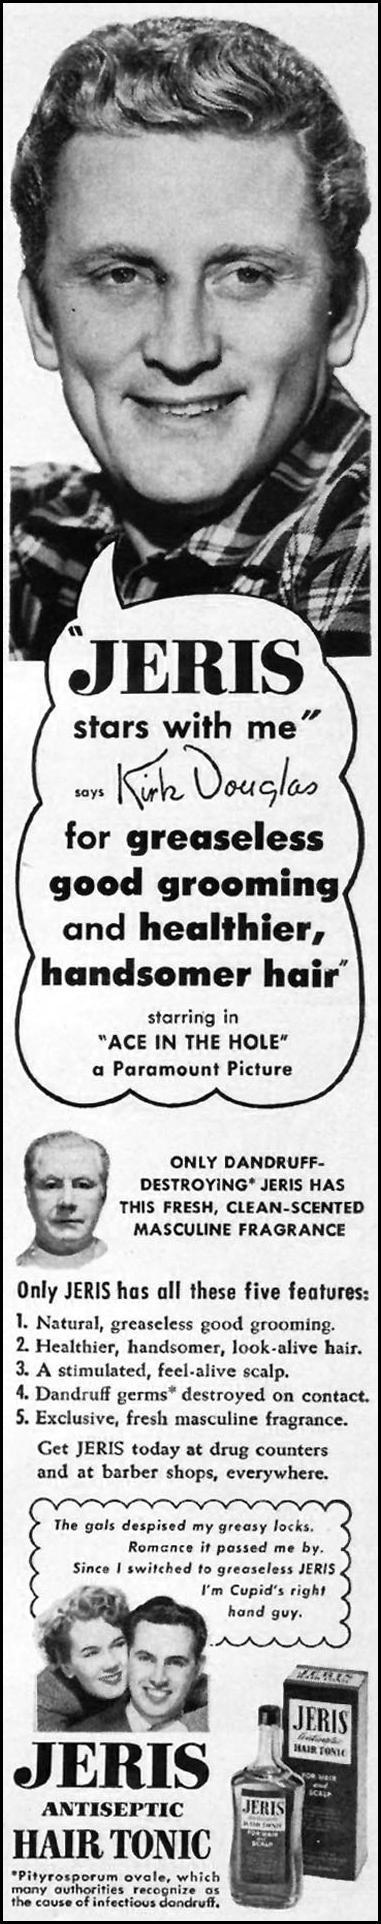 JERIS HAIR TONIC LIFE 04/30/1951 p. 117